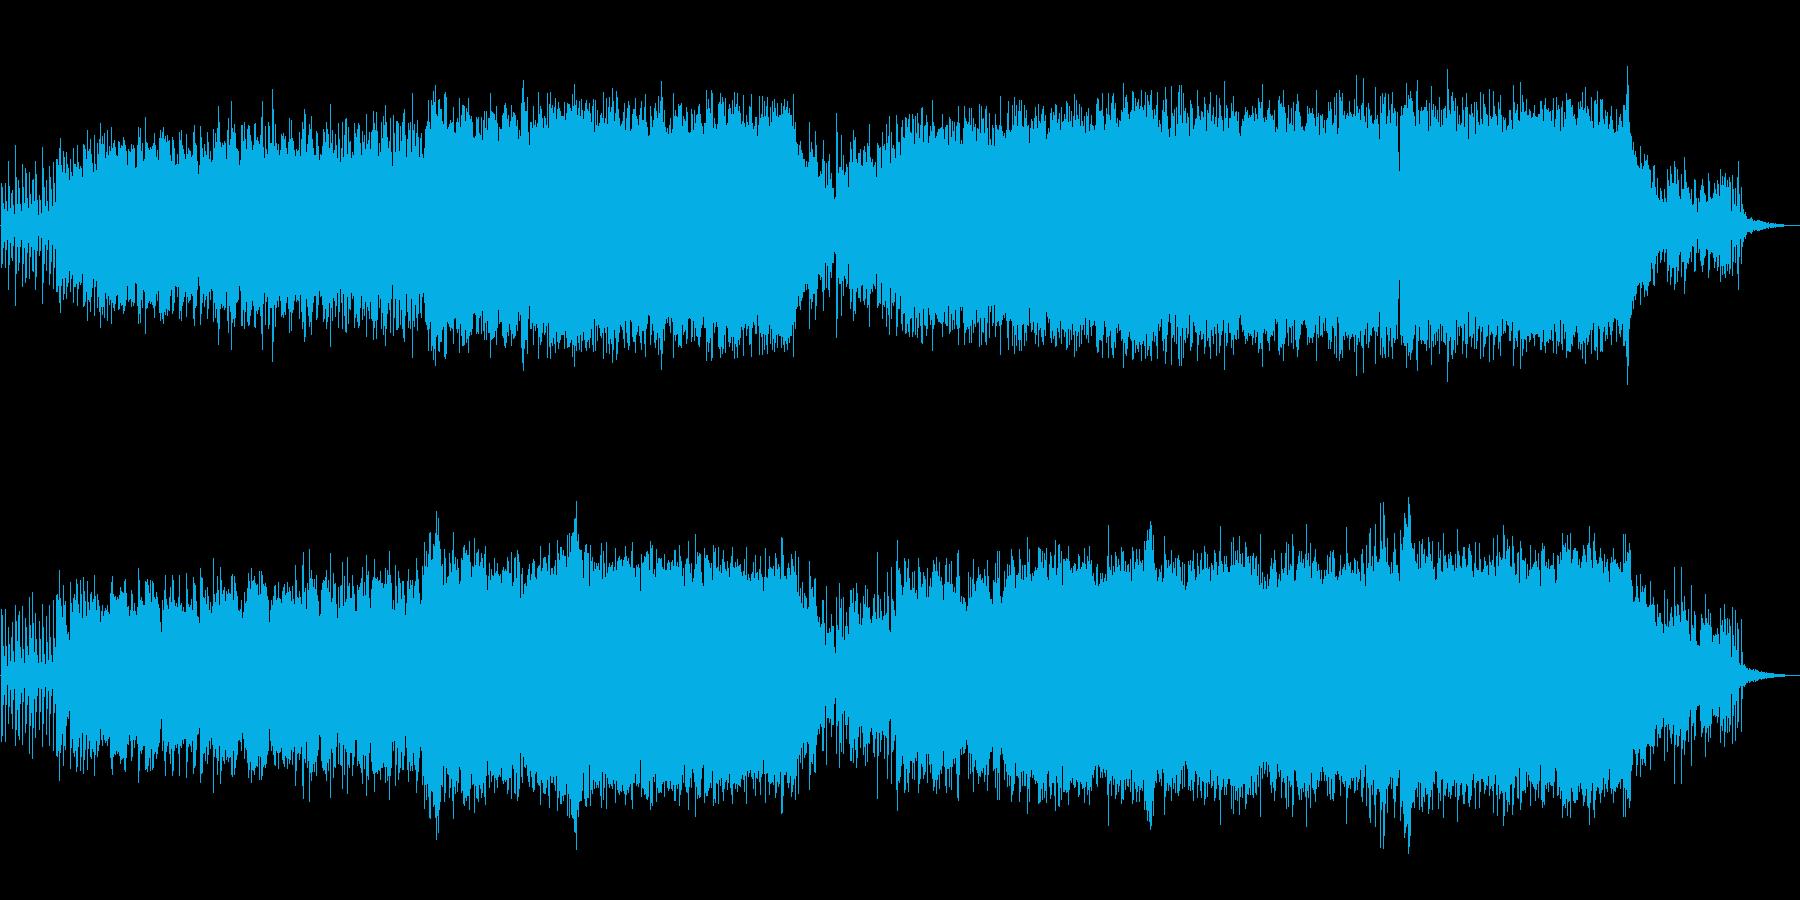 【生演奏】壮大オーケストラバラードの再生済みの波形